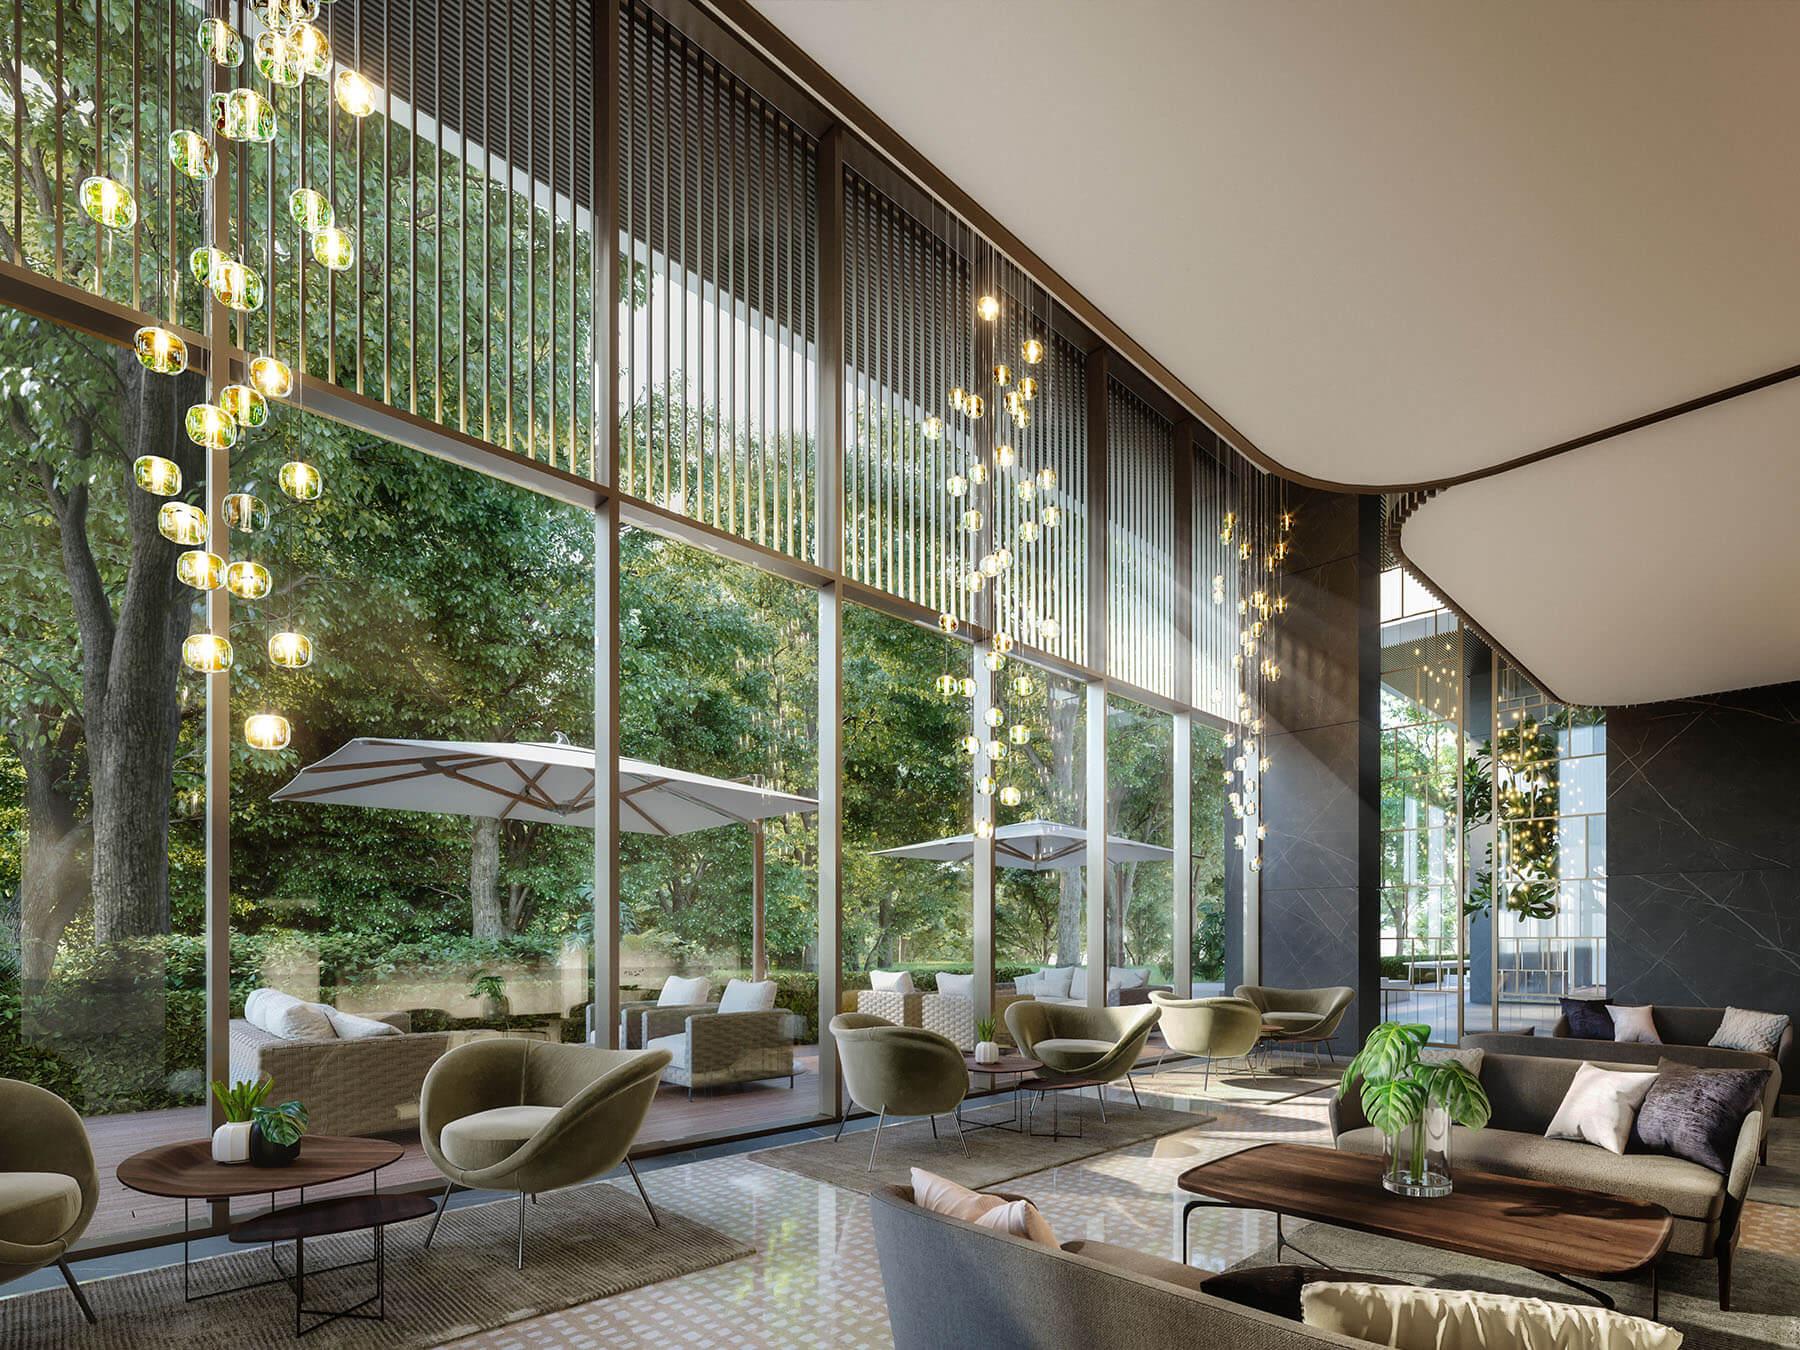 Mulberry Grove Forestias Condo Facilities